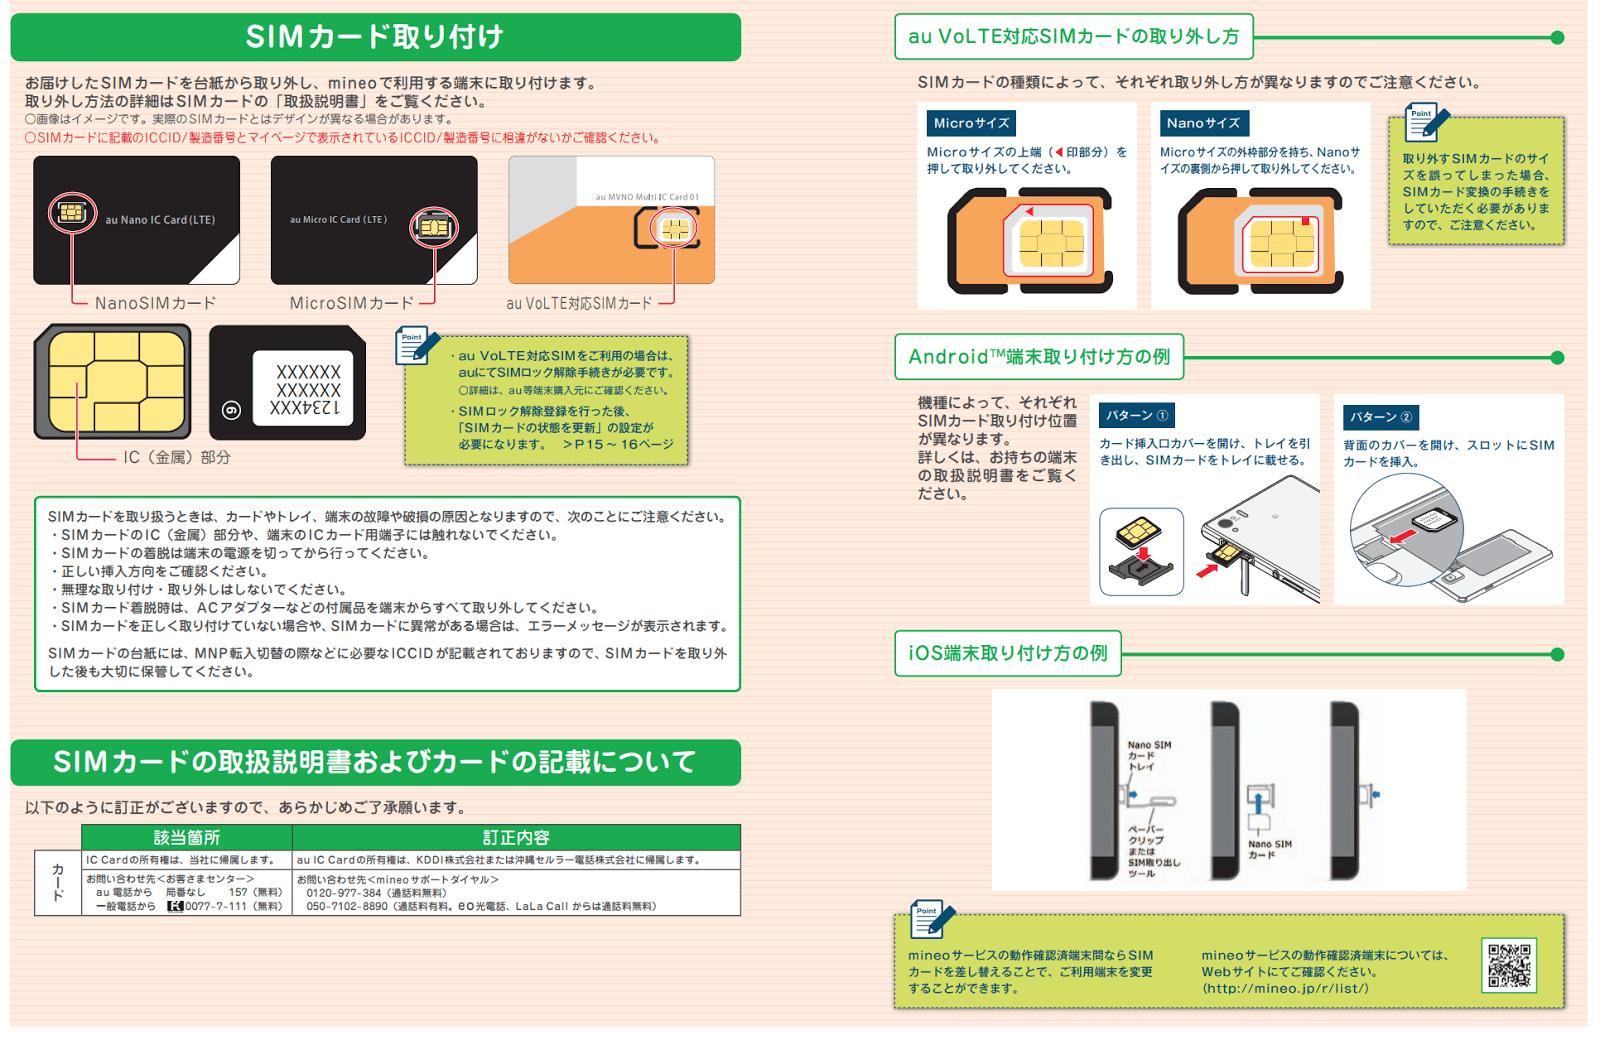 mineoご利用ガイド、SIMカード取り付けのページ